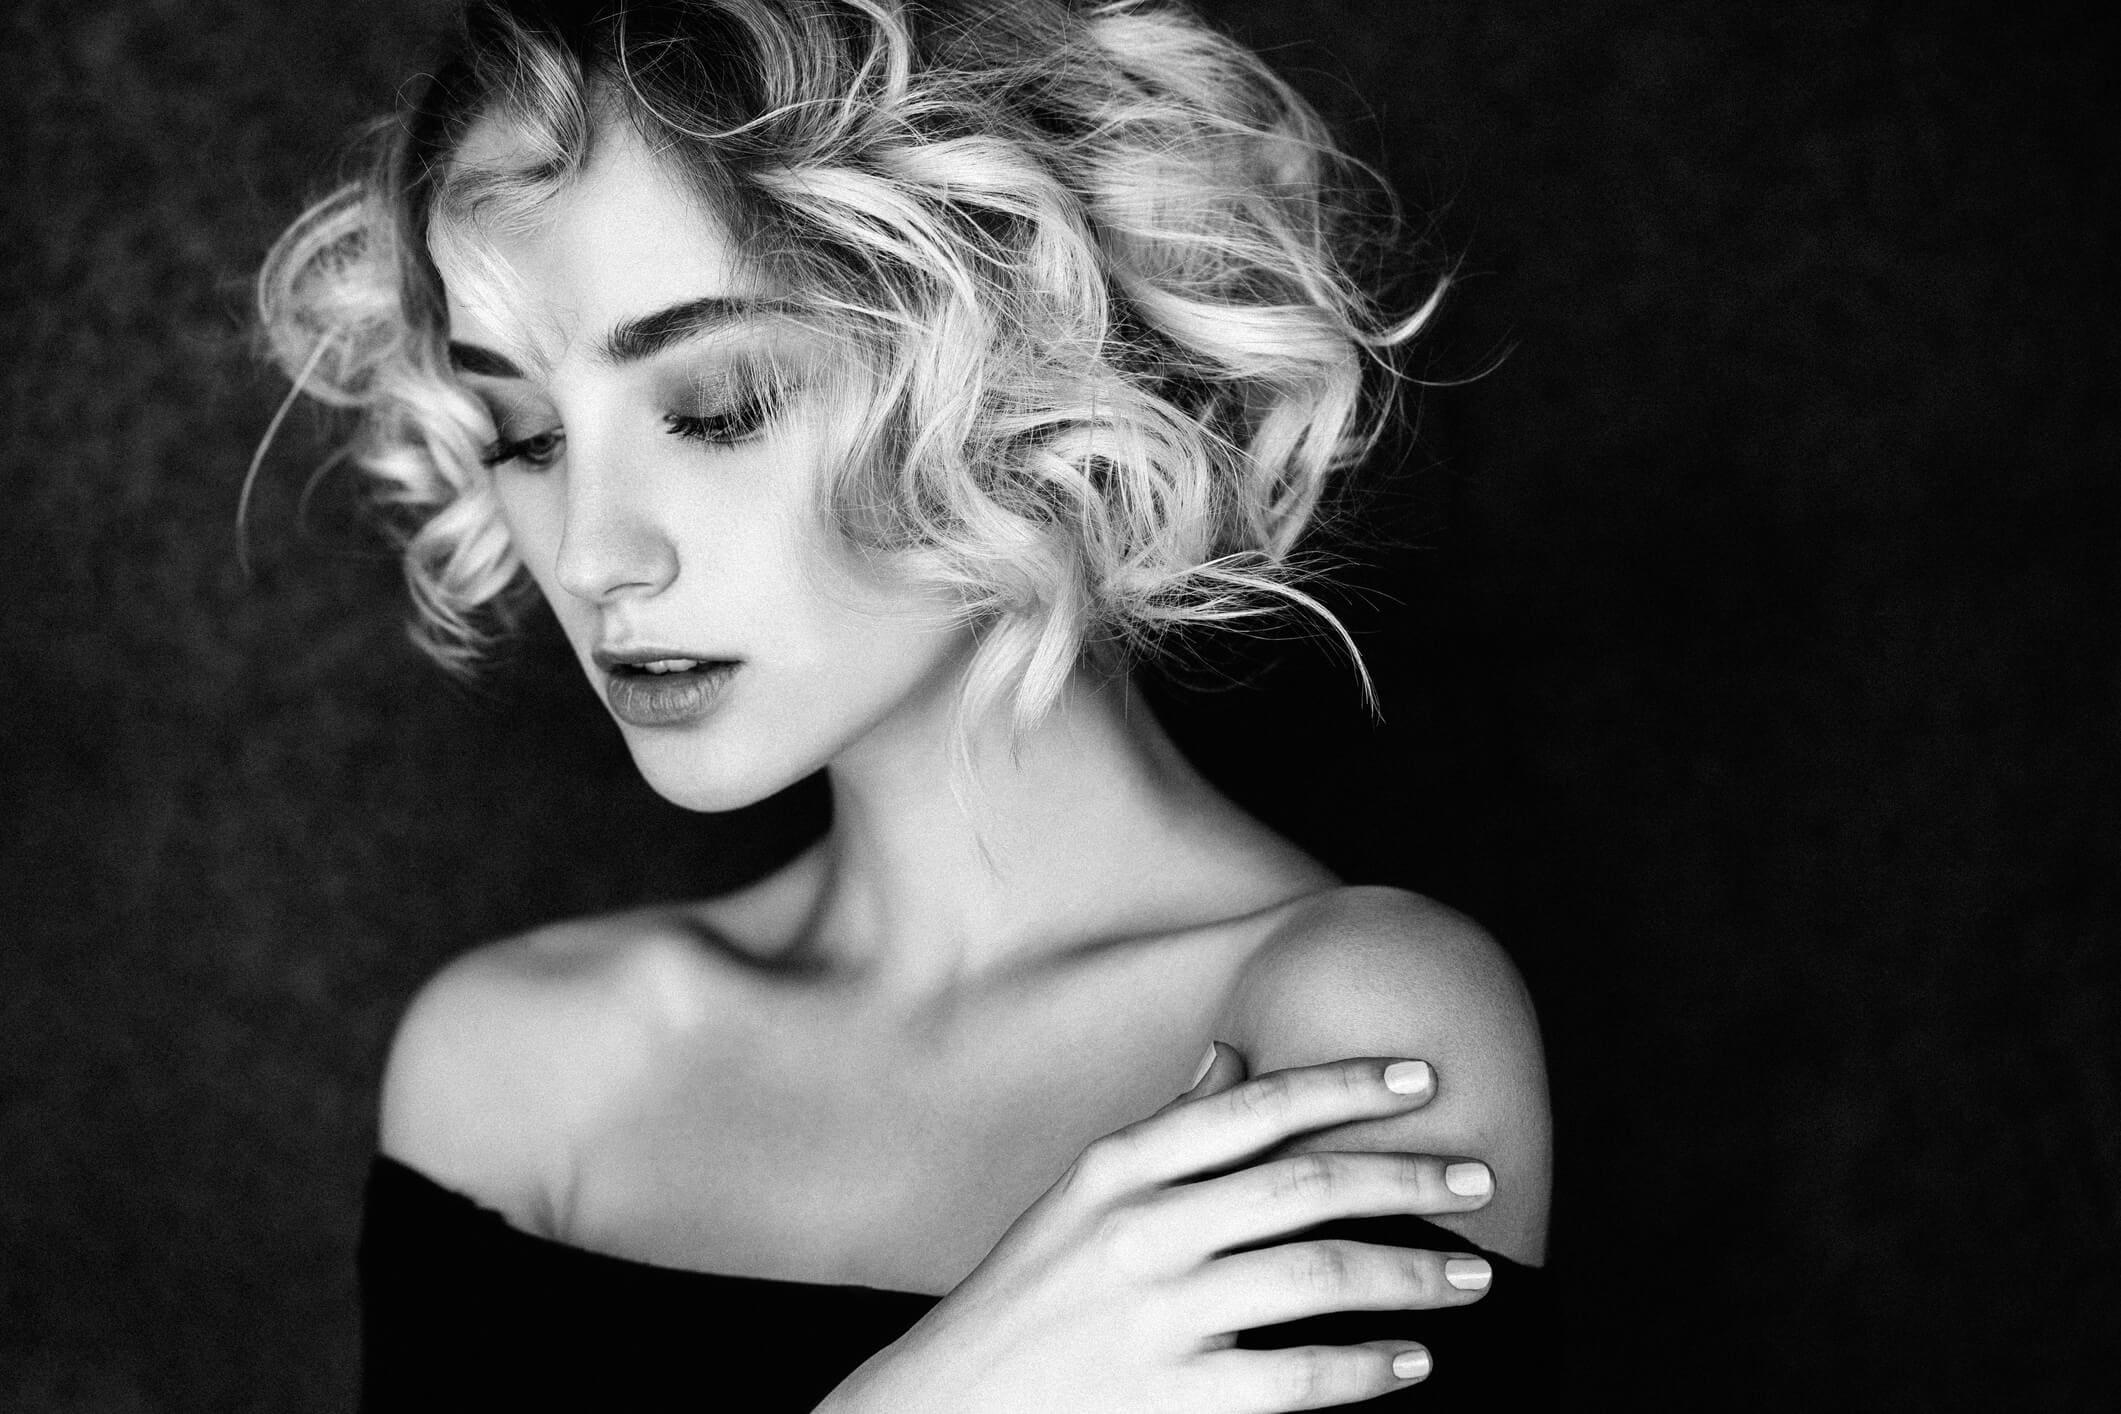 rizos duraderos mujer en blanco y negro